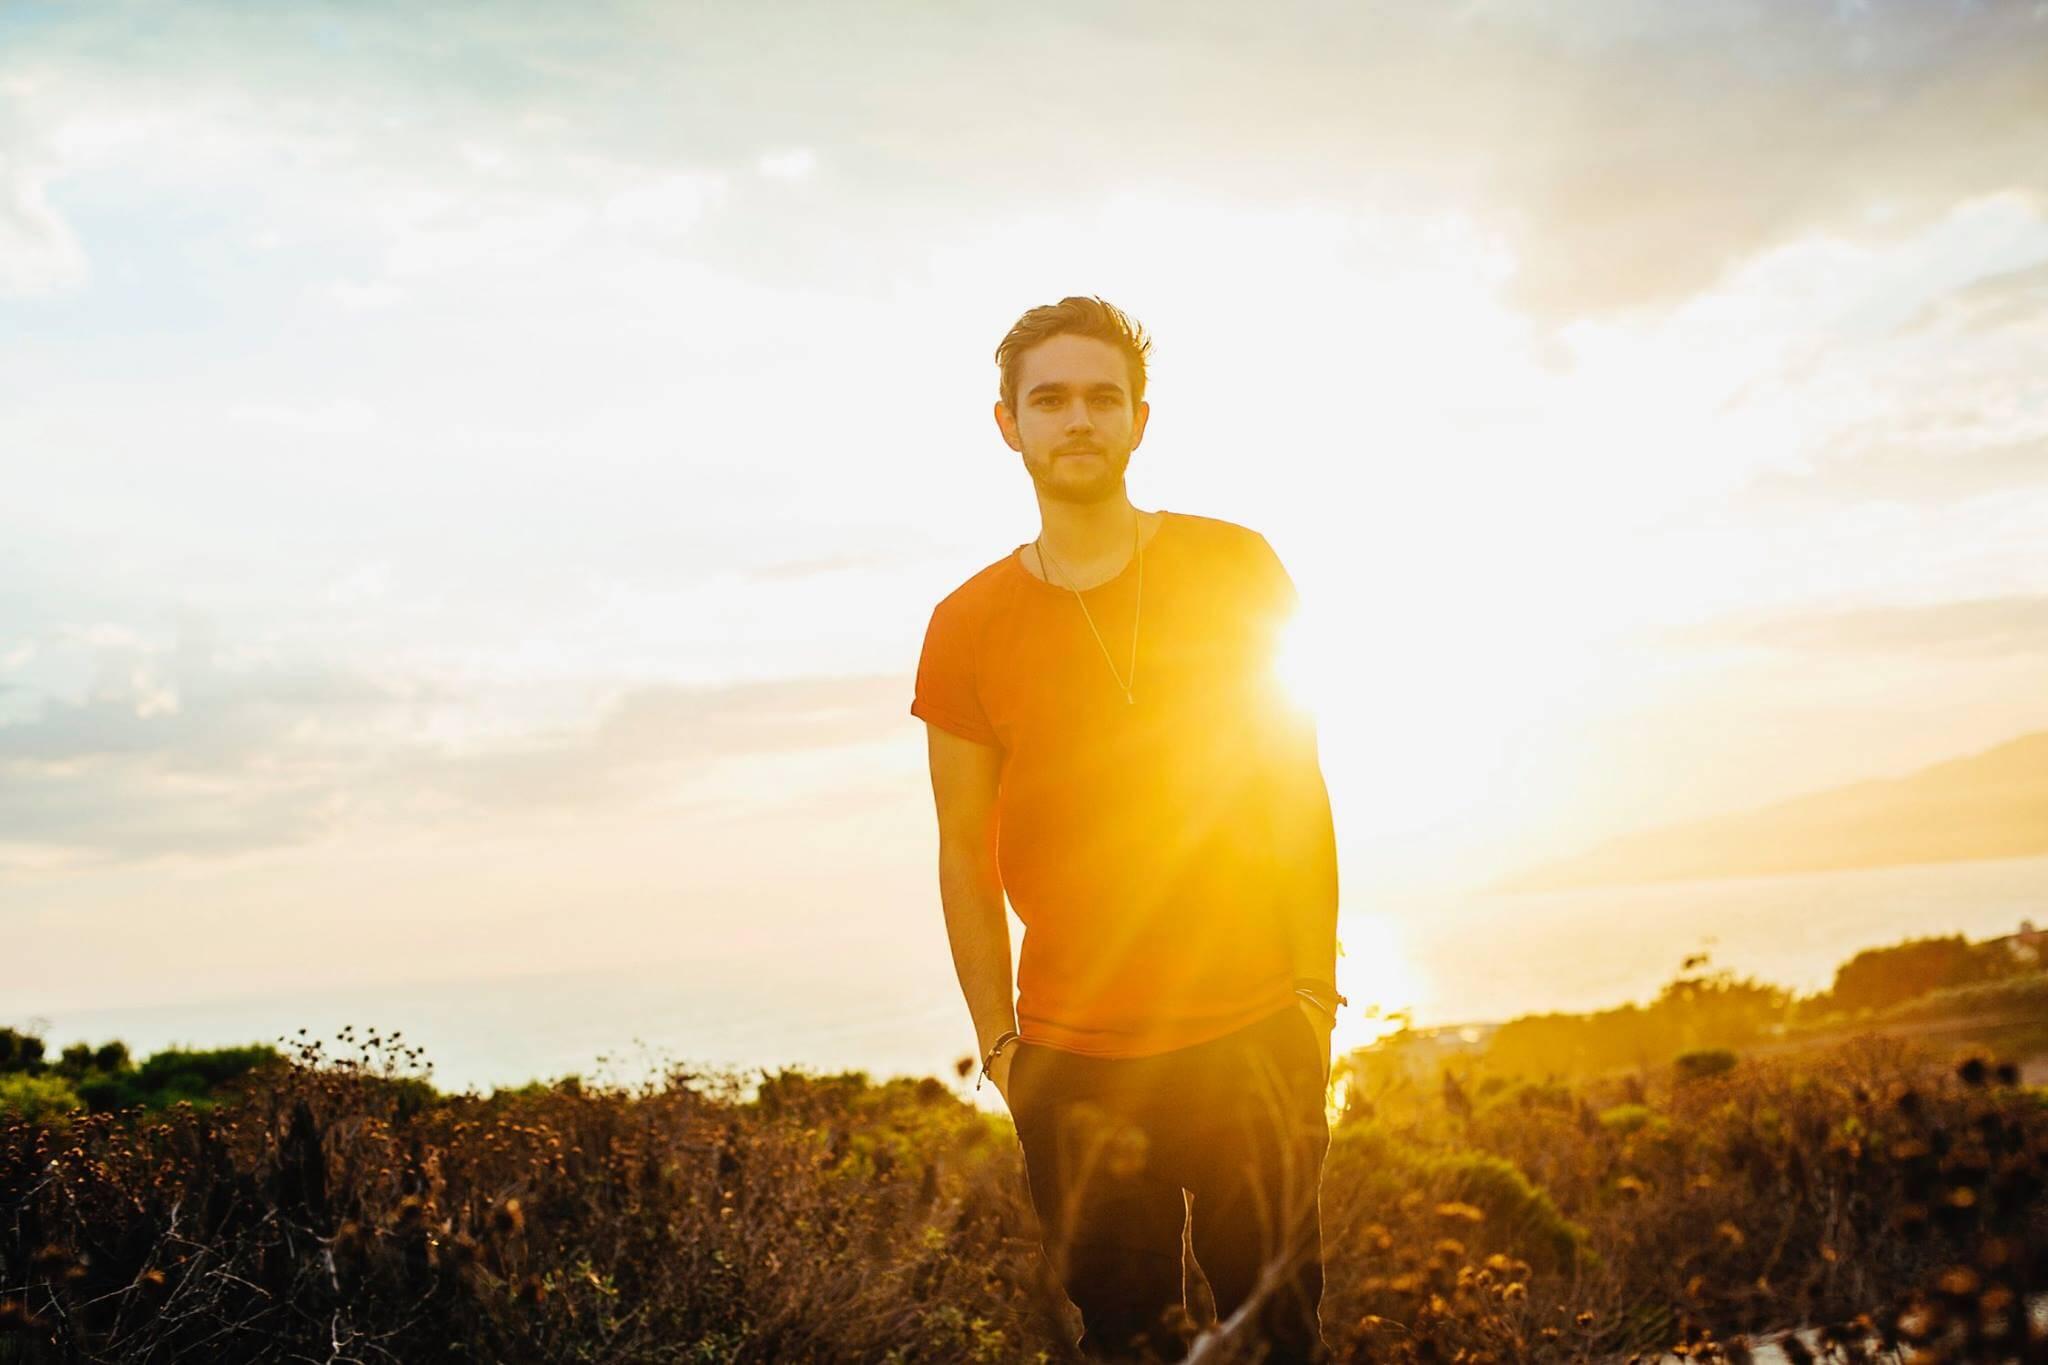 Zedd(ゼッド)の人気曲14選!歌声を引き立てる天才DJ